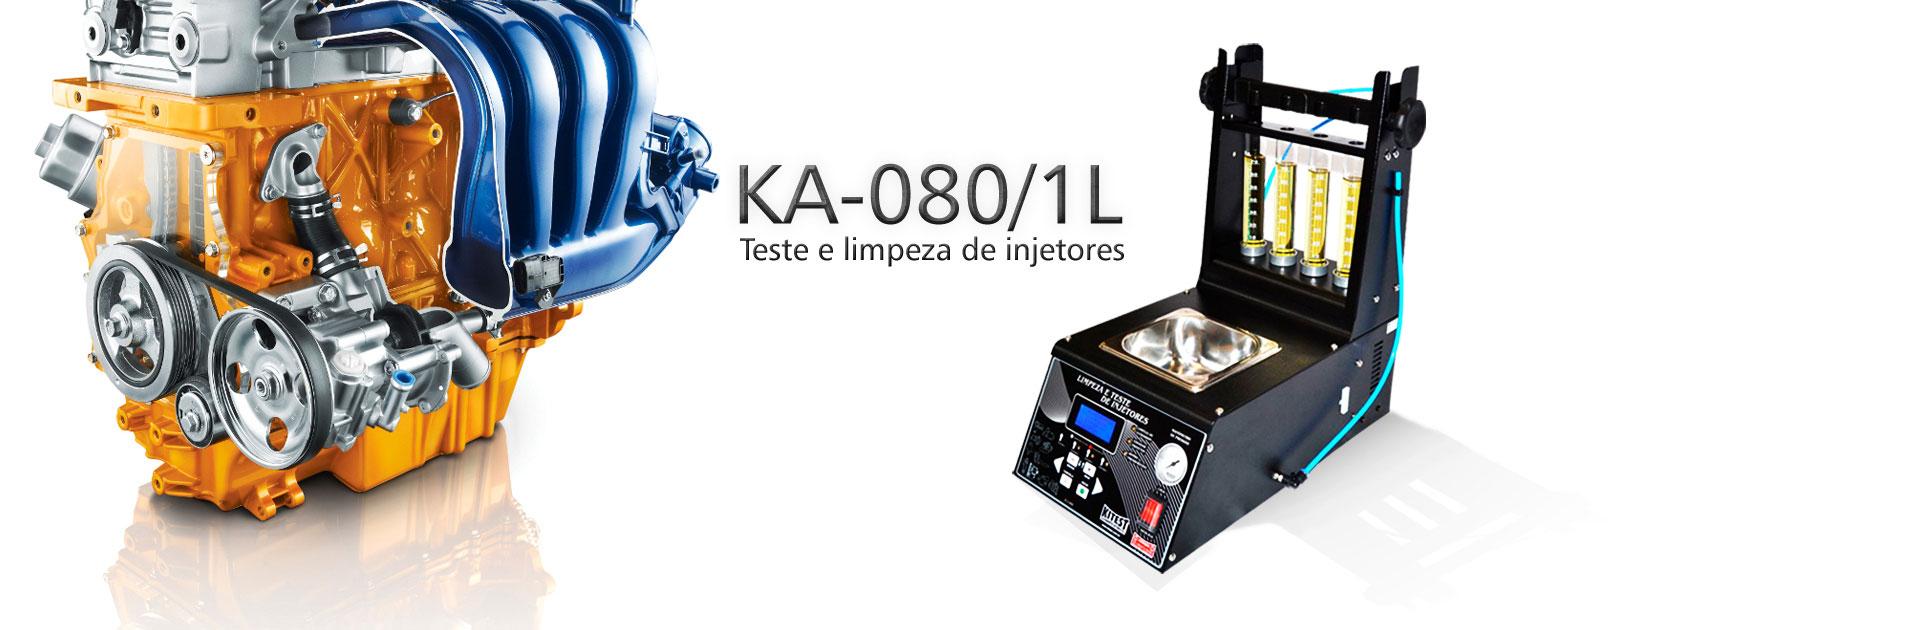 Kitest Ka-080